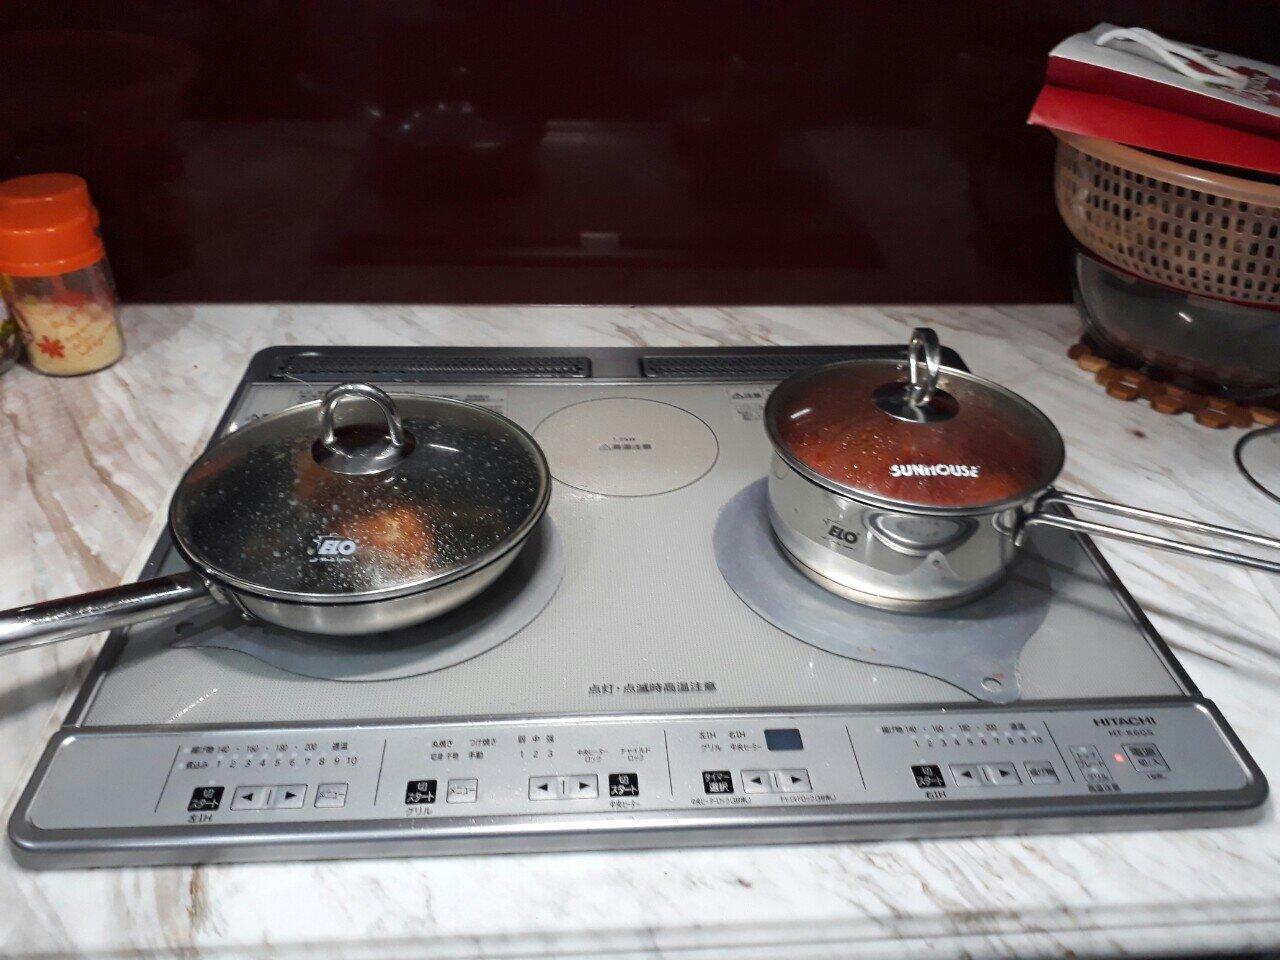 Bếp từ panasonic nội địa nhật